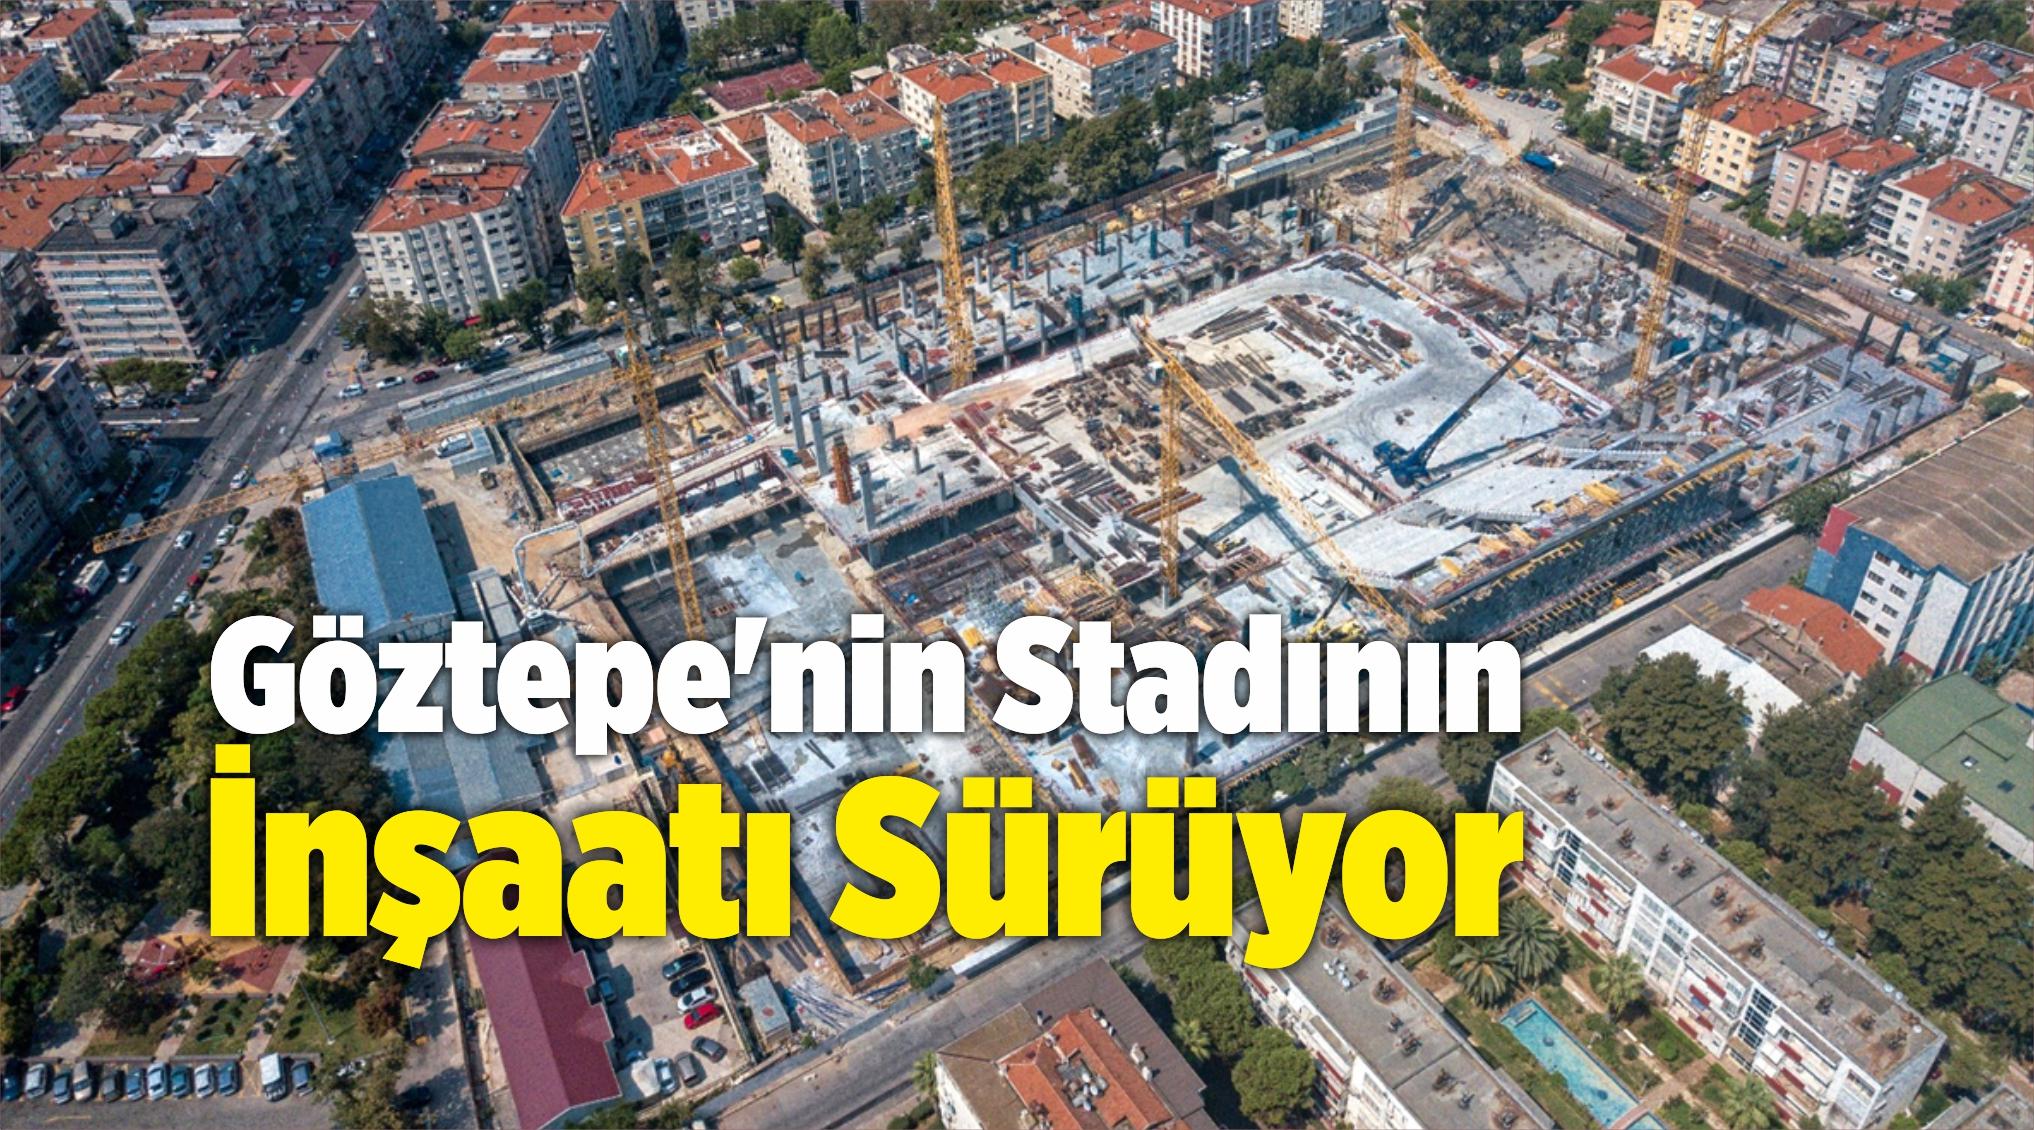 Göztepe'nin Stadının İnşaatı Sürüyor